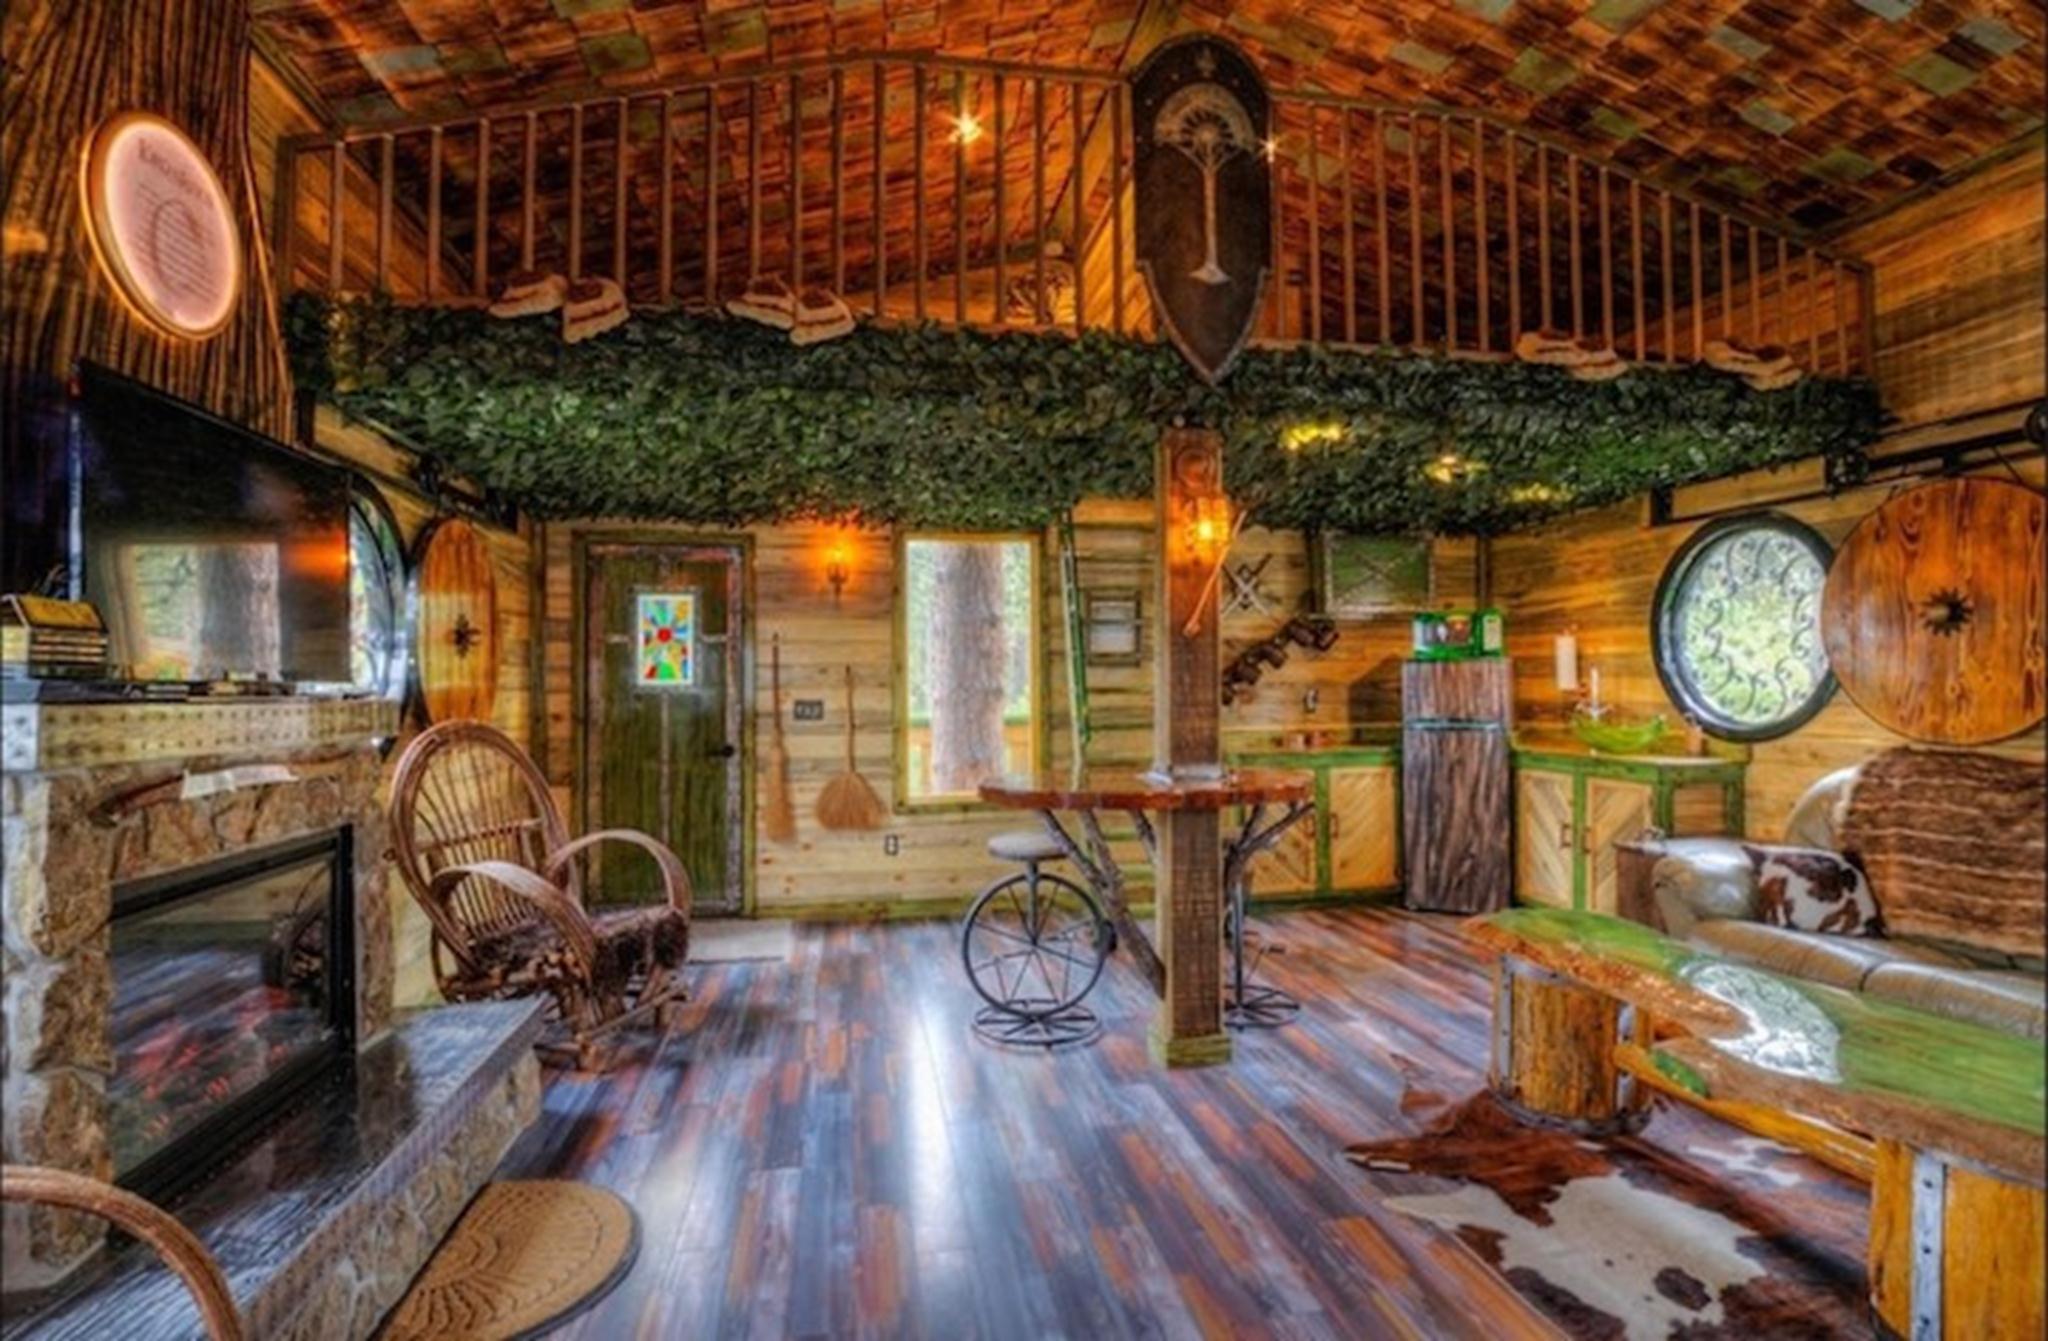 Vật liệu xây dựng cho ngôi nhà chủ yếu làm bằng gỗ.